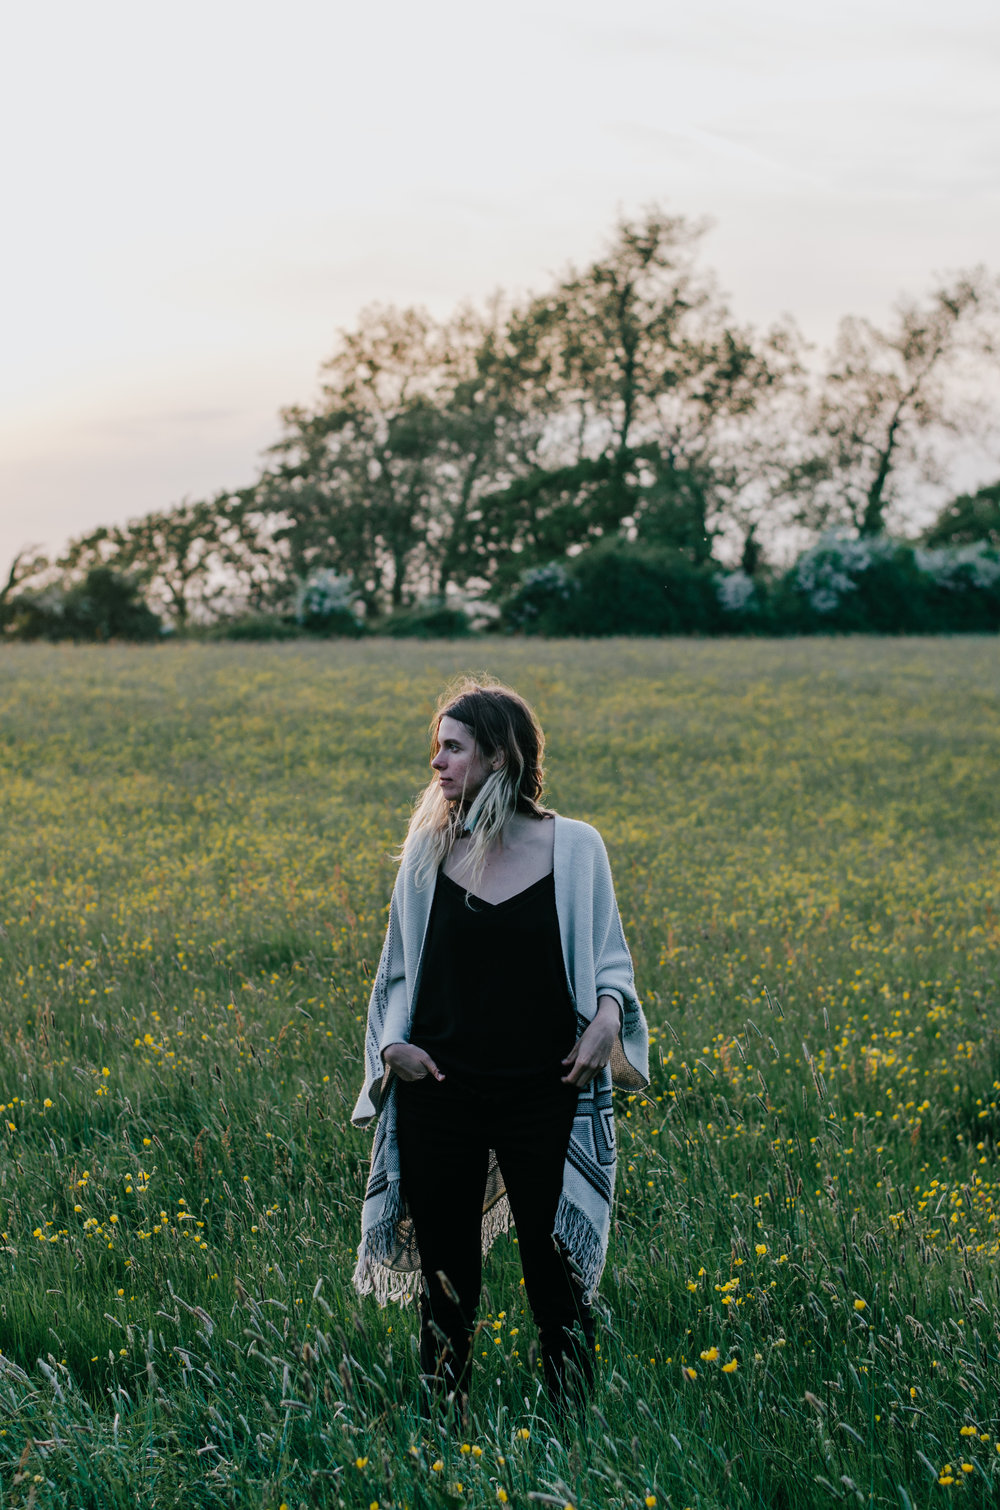 Aiste - Countryside - Aiste Saulyte Photography.jpg